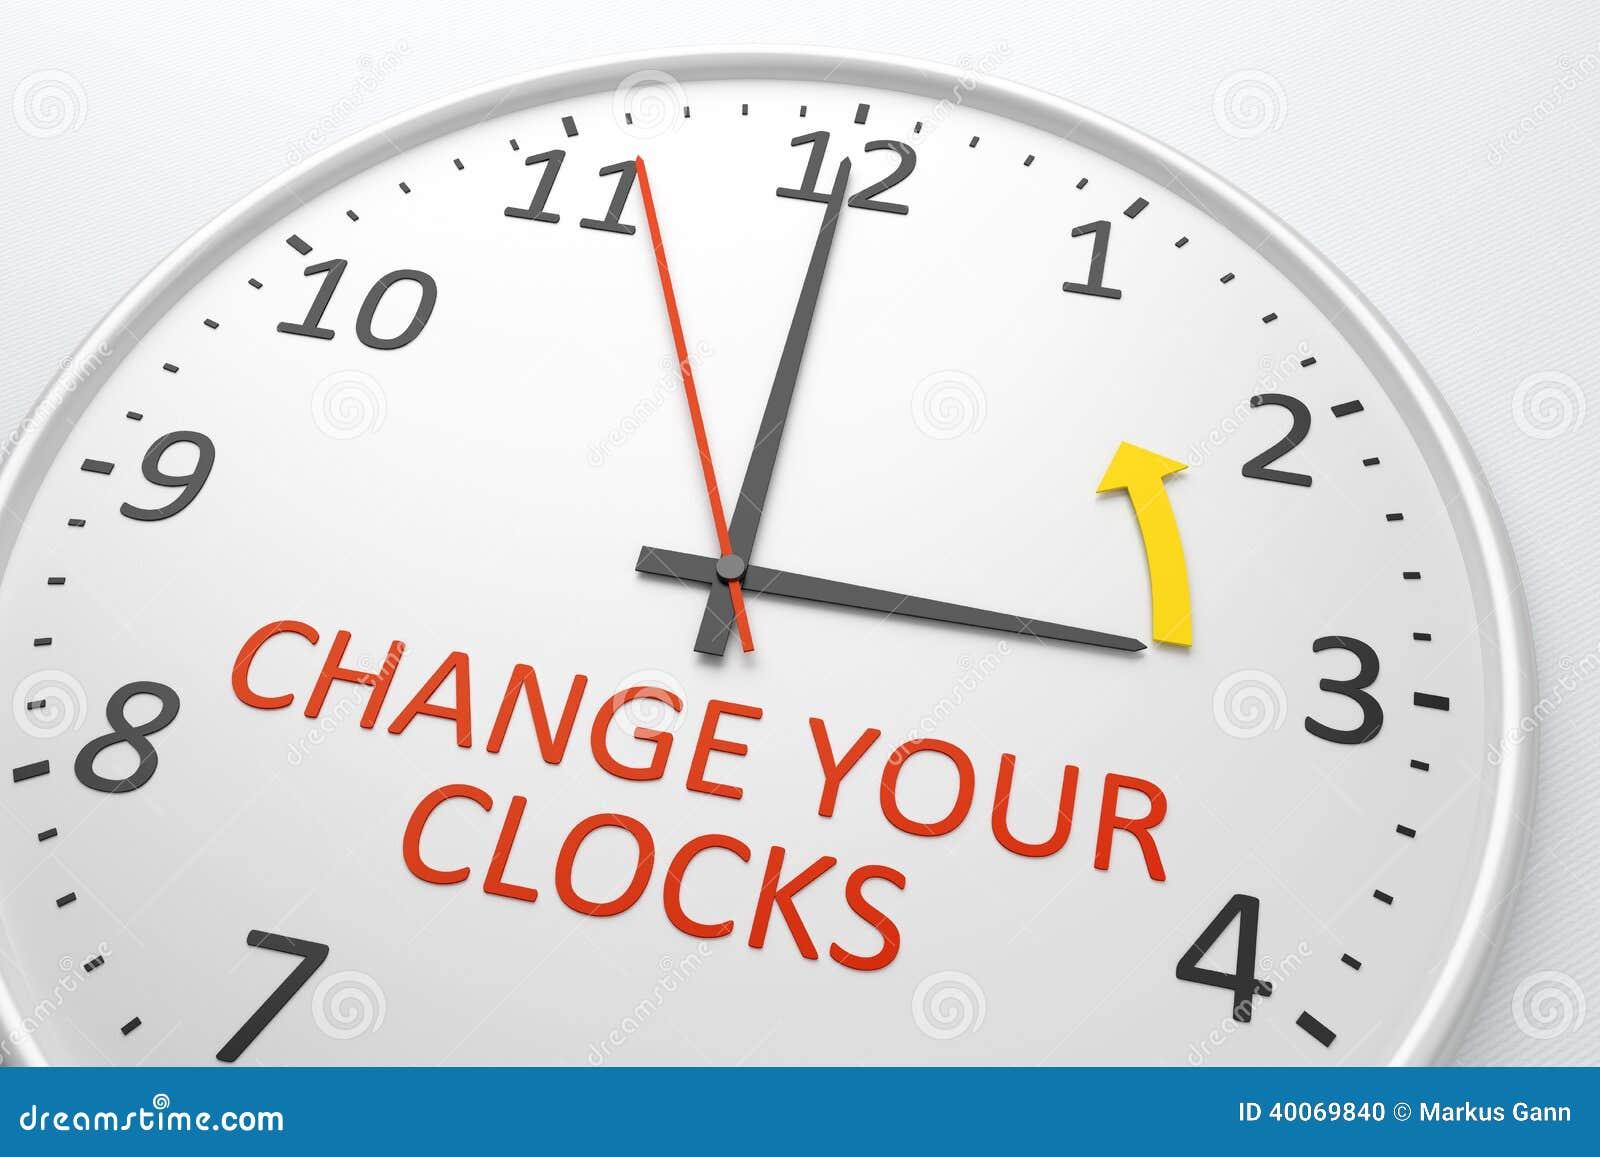 Verander uw klokken